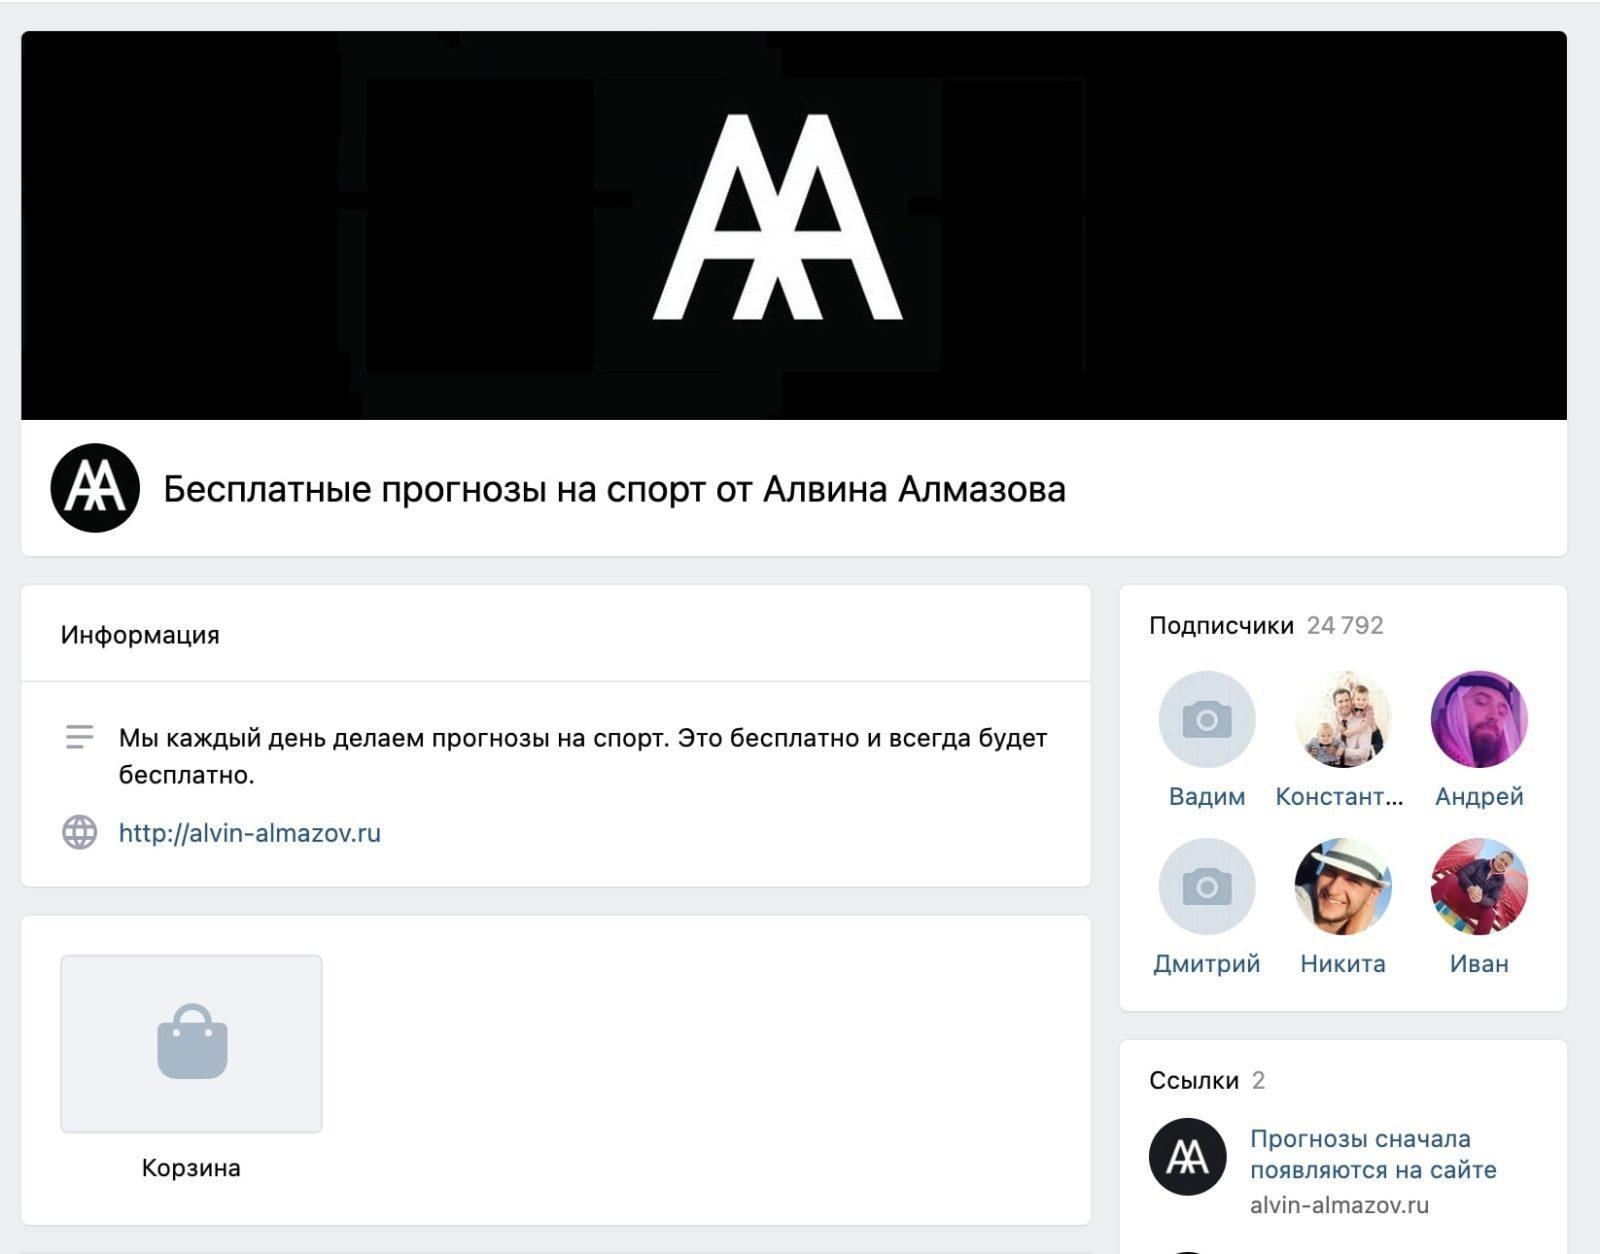 Группа ВК Алвин Алмазов (Alvin Almazov ru)